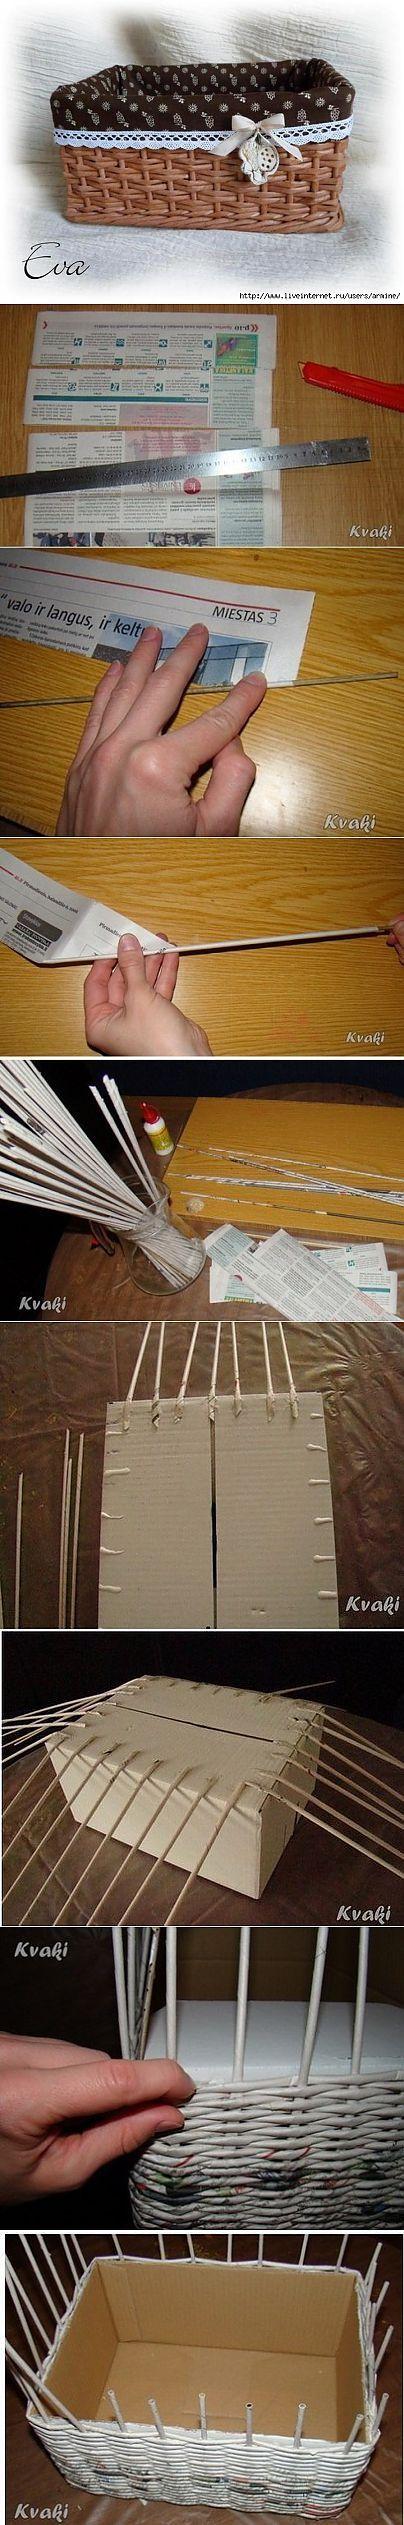 Плетение из газет. Как крутить трубочки и оплетать коробку